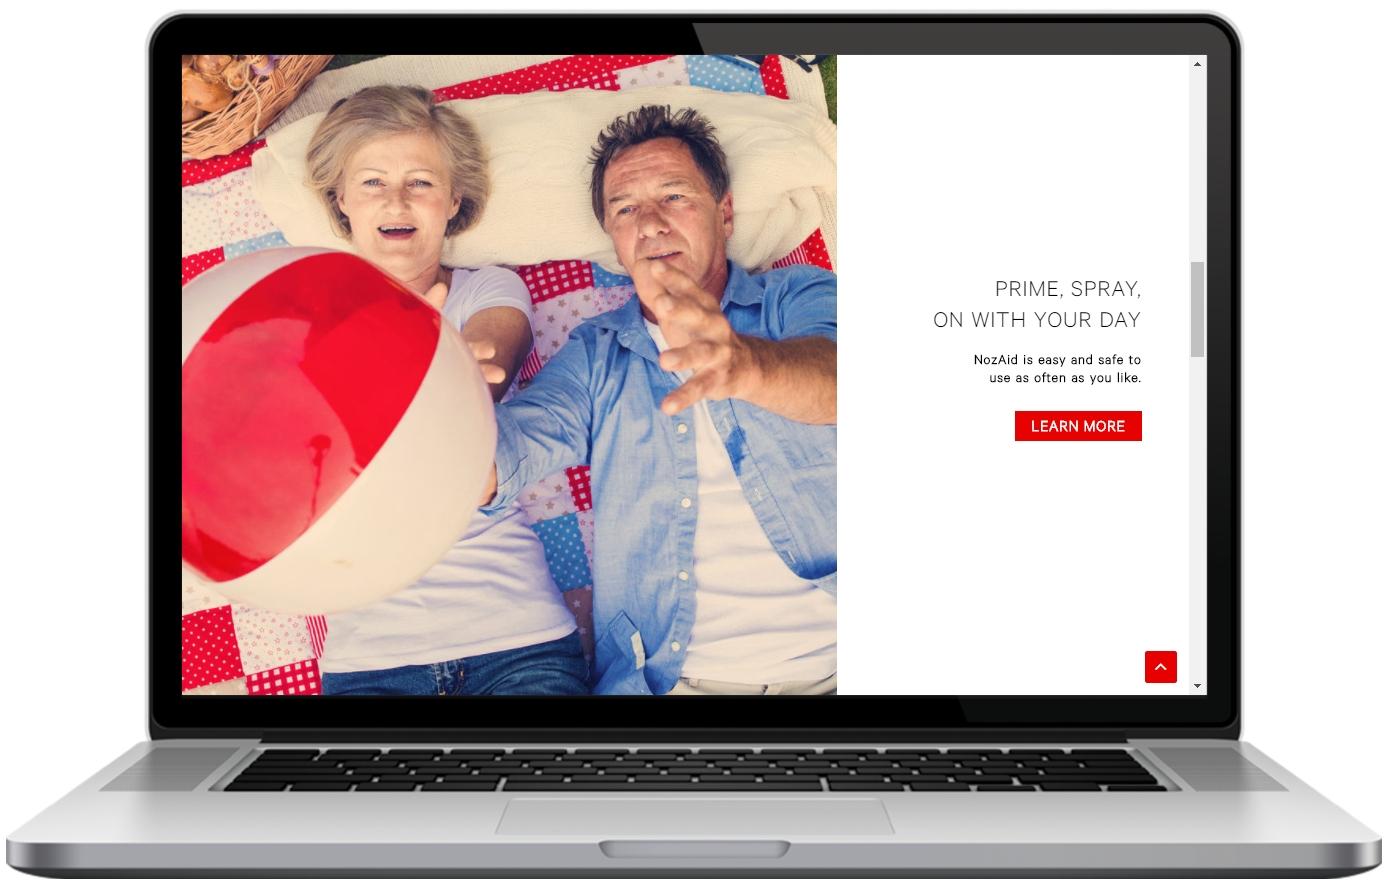 NozAid Website Layout